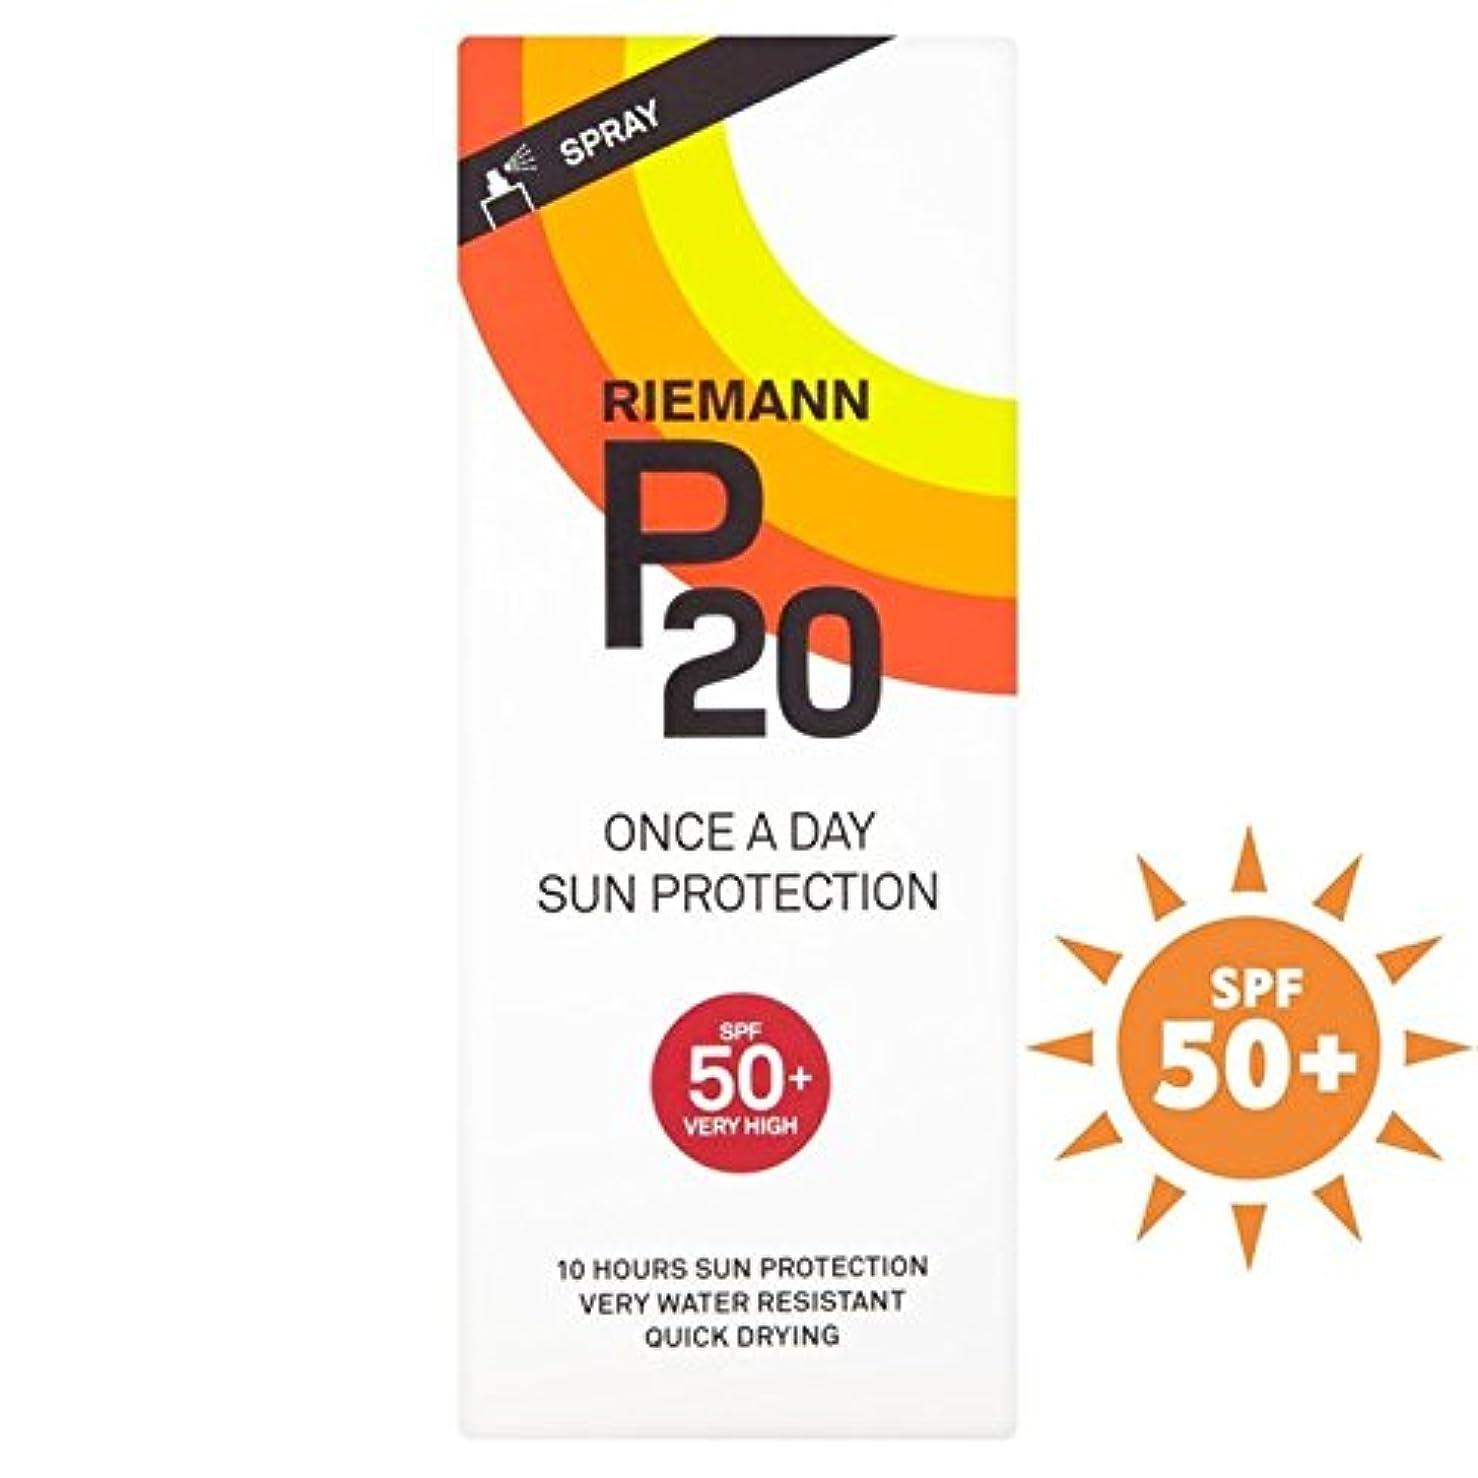 話食料品店徹底的にリーマン20の50 + 1日/ 10時間の保護200ミリリットル x2 - Riemann P20 SPF50+ 1 Day/10 Hour Protection 200ml (Pack of 2) [並行輸入品]